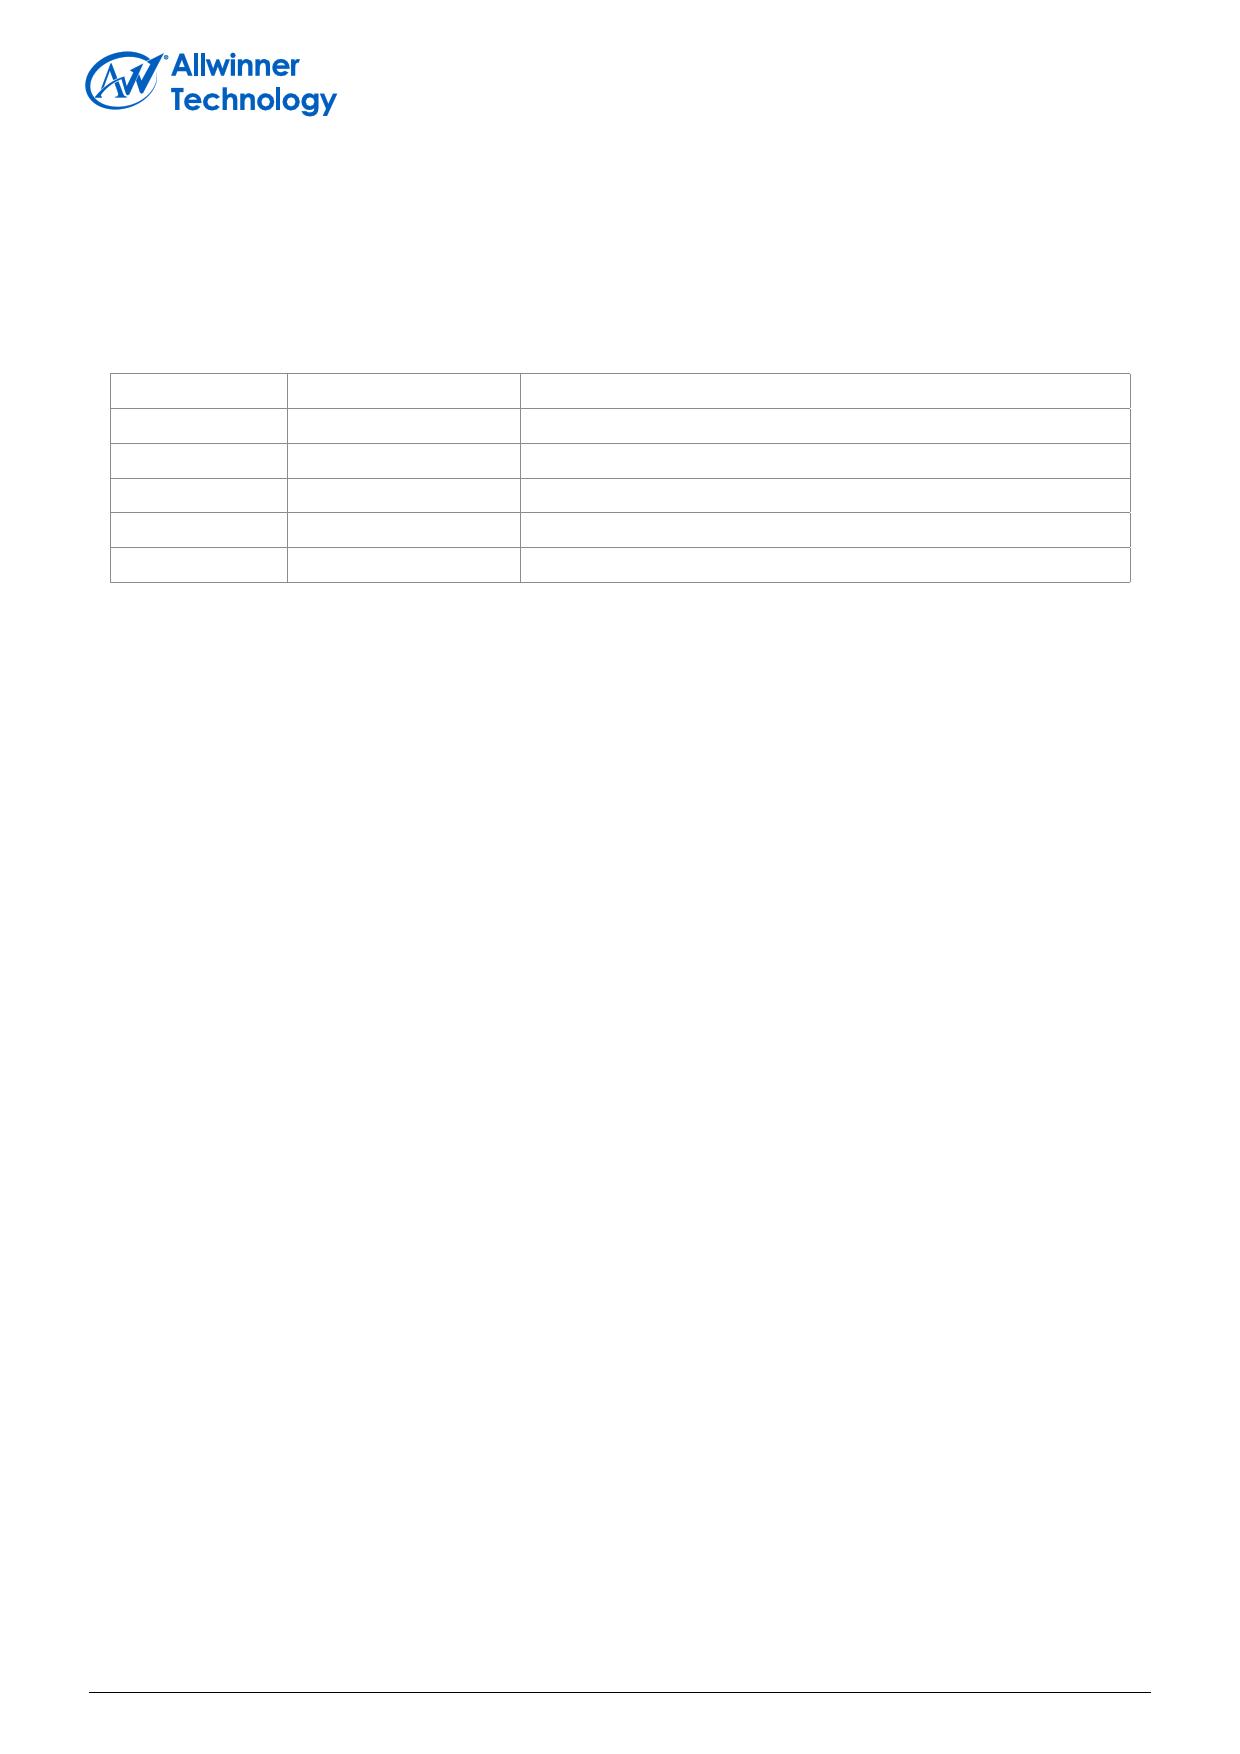 A20 pdf, ピン配列